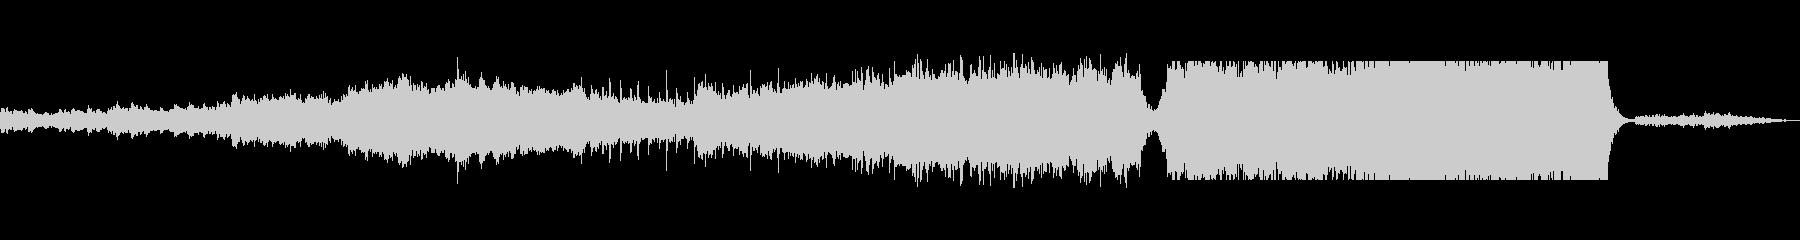 静→壮大に展開するエピックオーケストラの未再生の波形